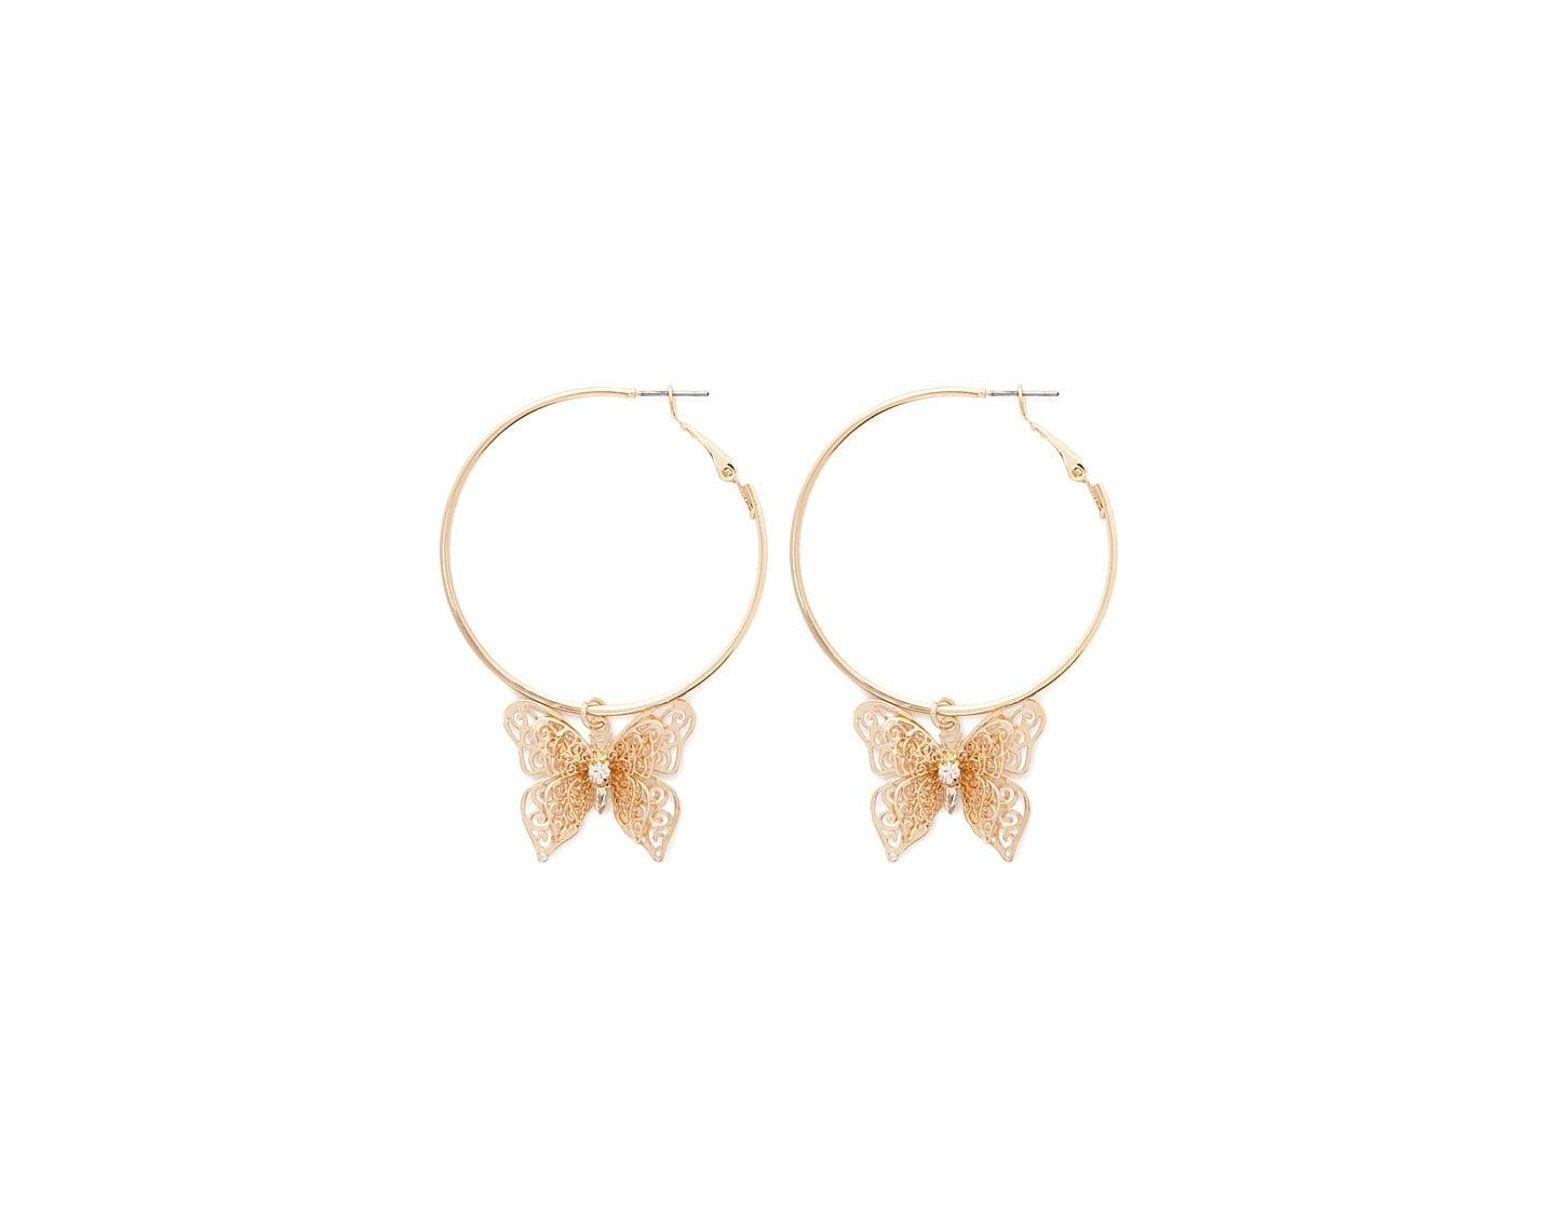 0378145cb90e6 Forever 21 Butterfly Hoop Earrings in Metallic - Lyst